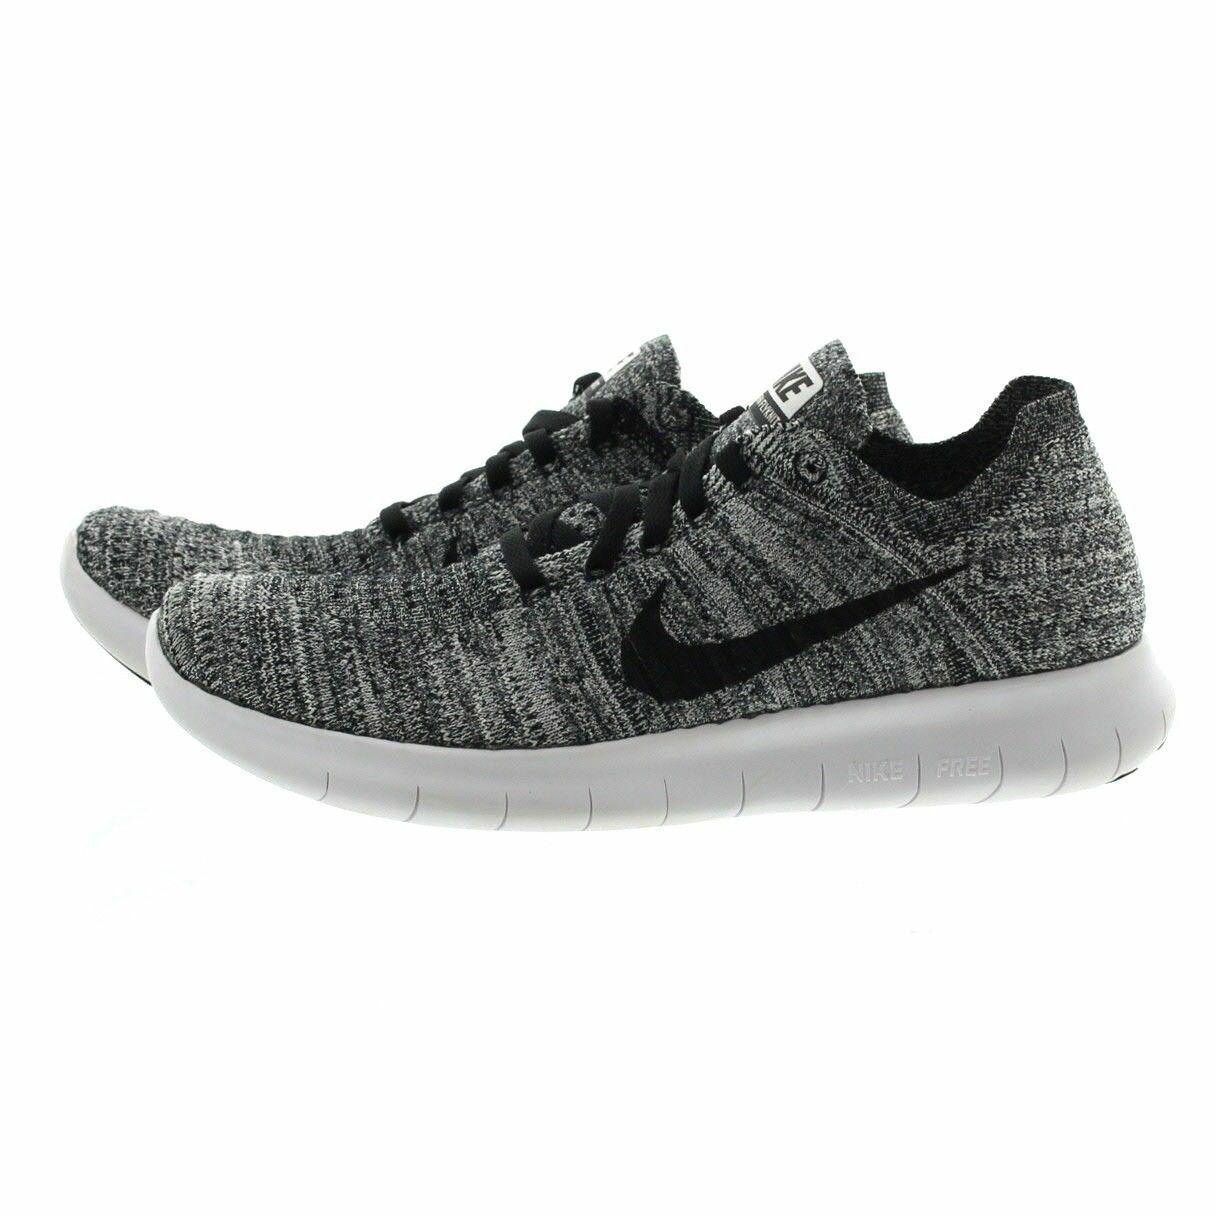 Nike RN Flyknit Mens Running shoes 11White Black 831069 100